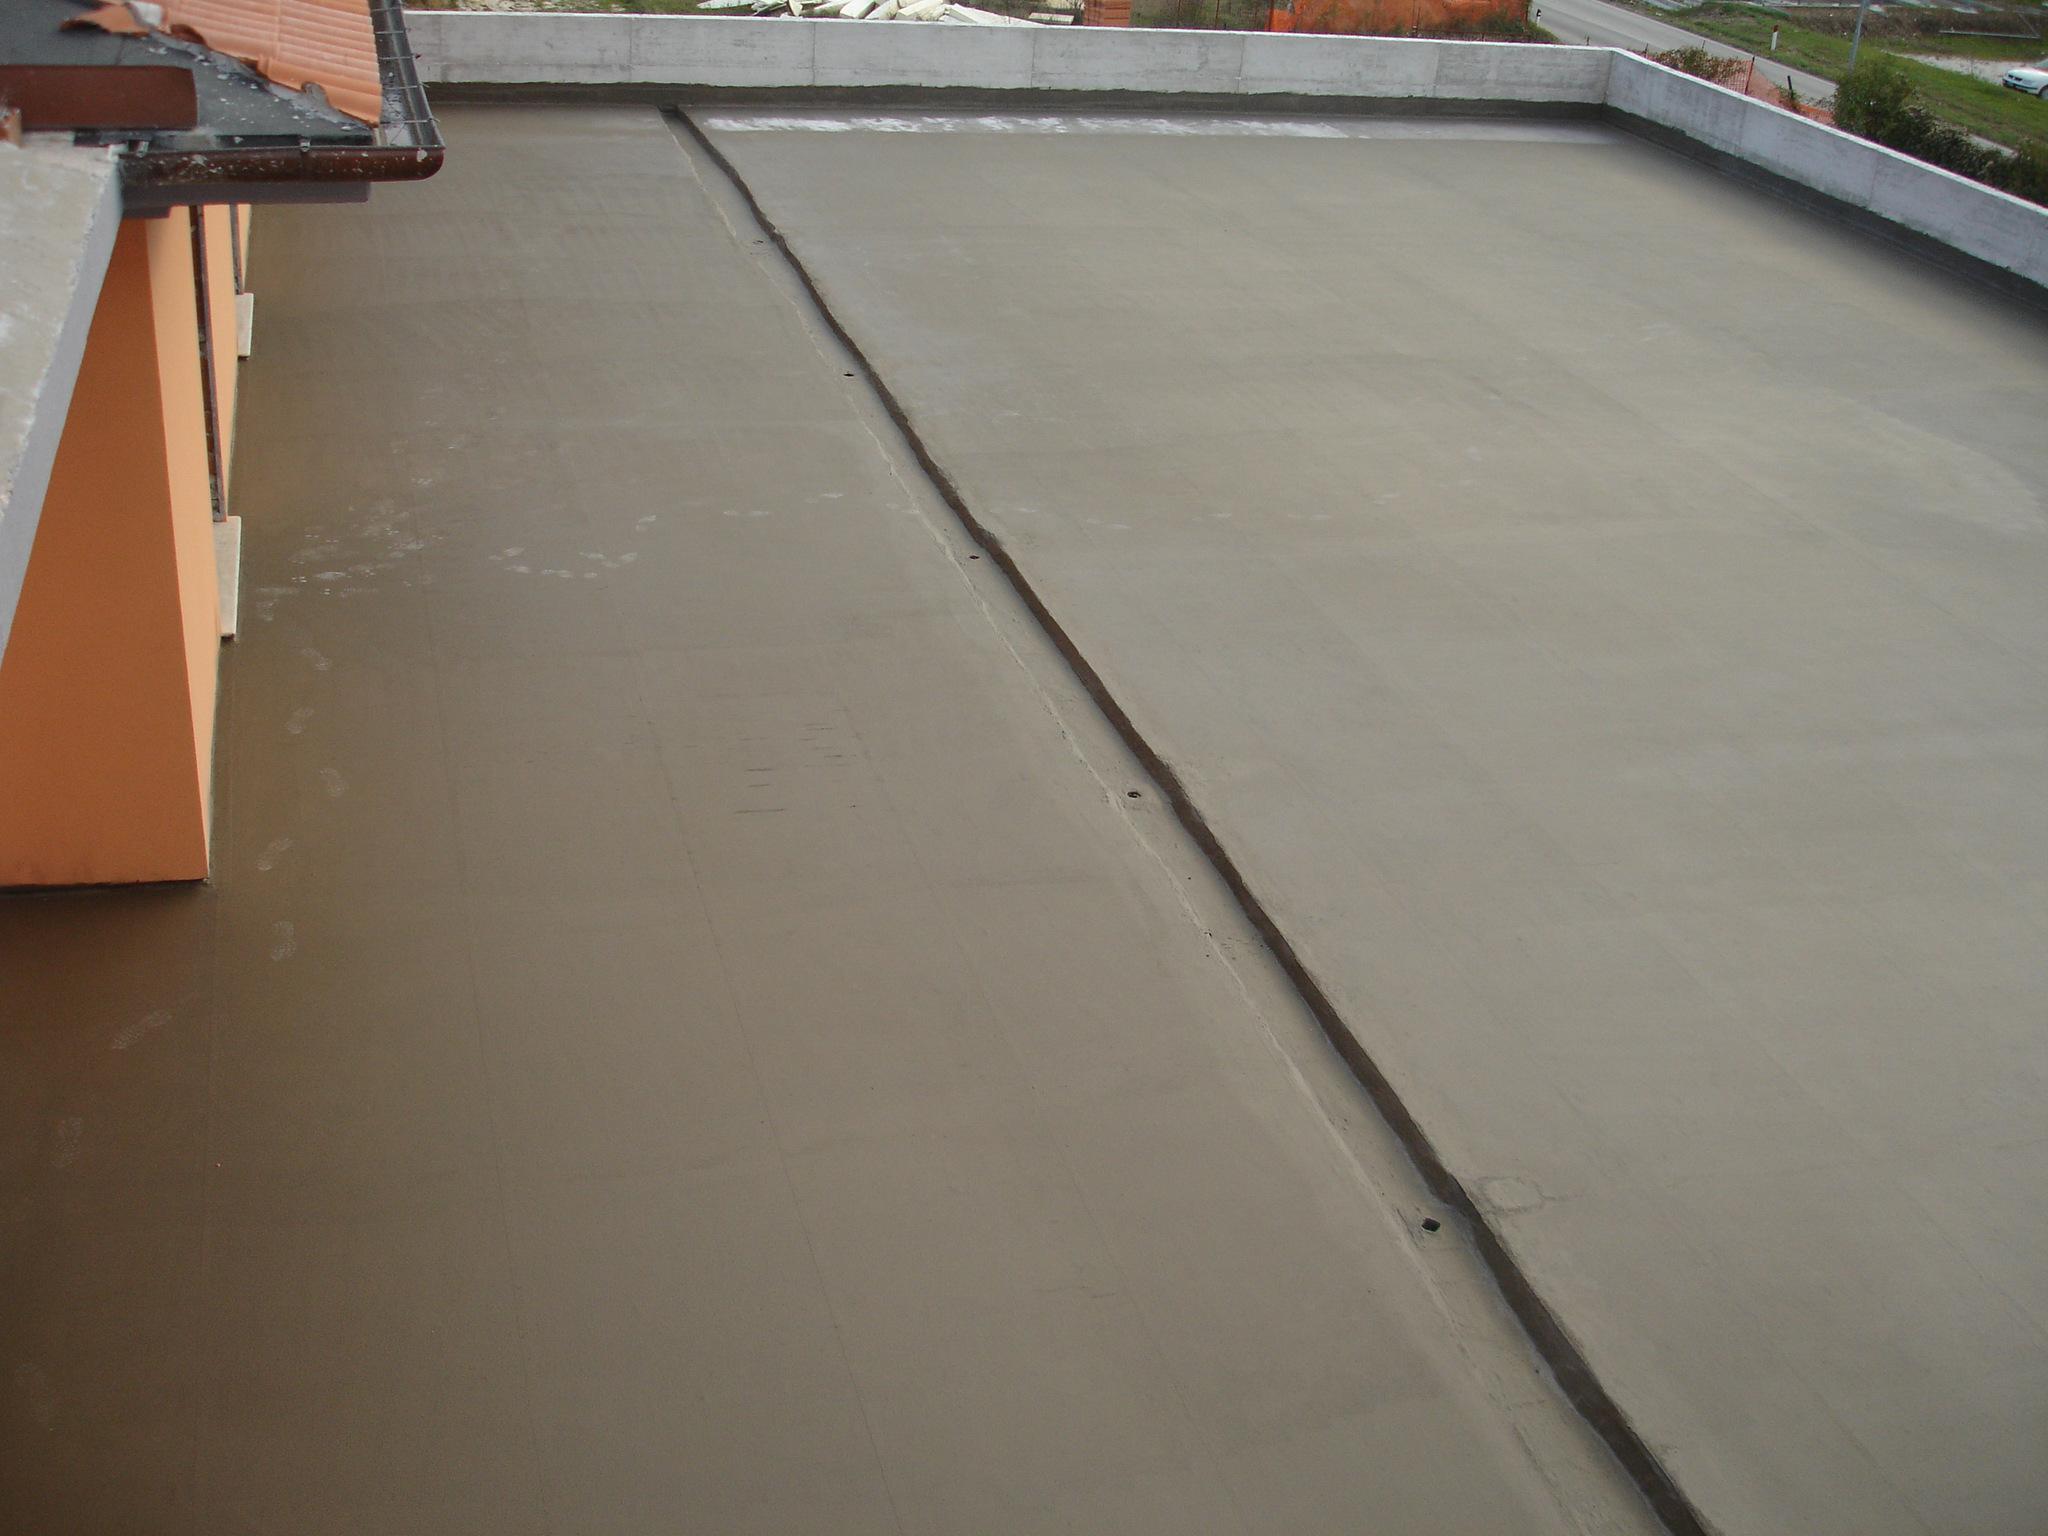 C mo aplicar cemento el stico para impermeabilizar for Como guardar bicis en un piso